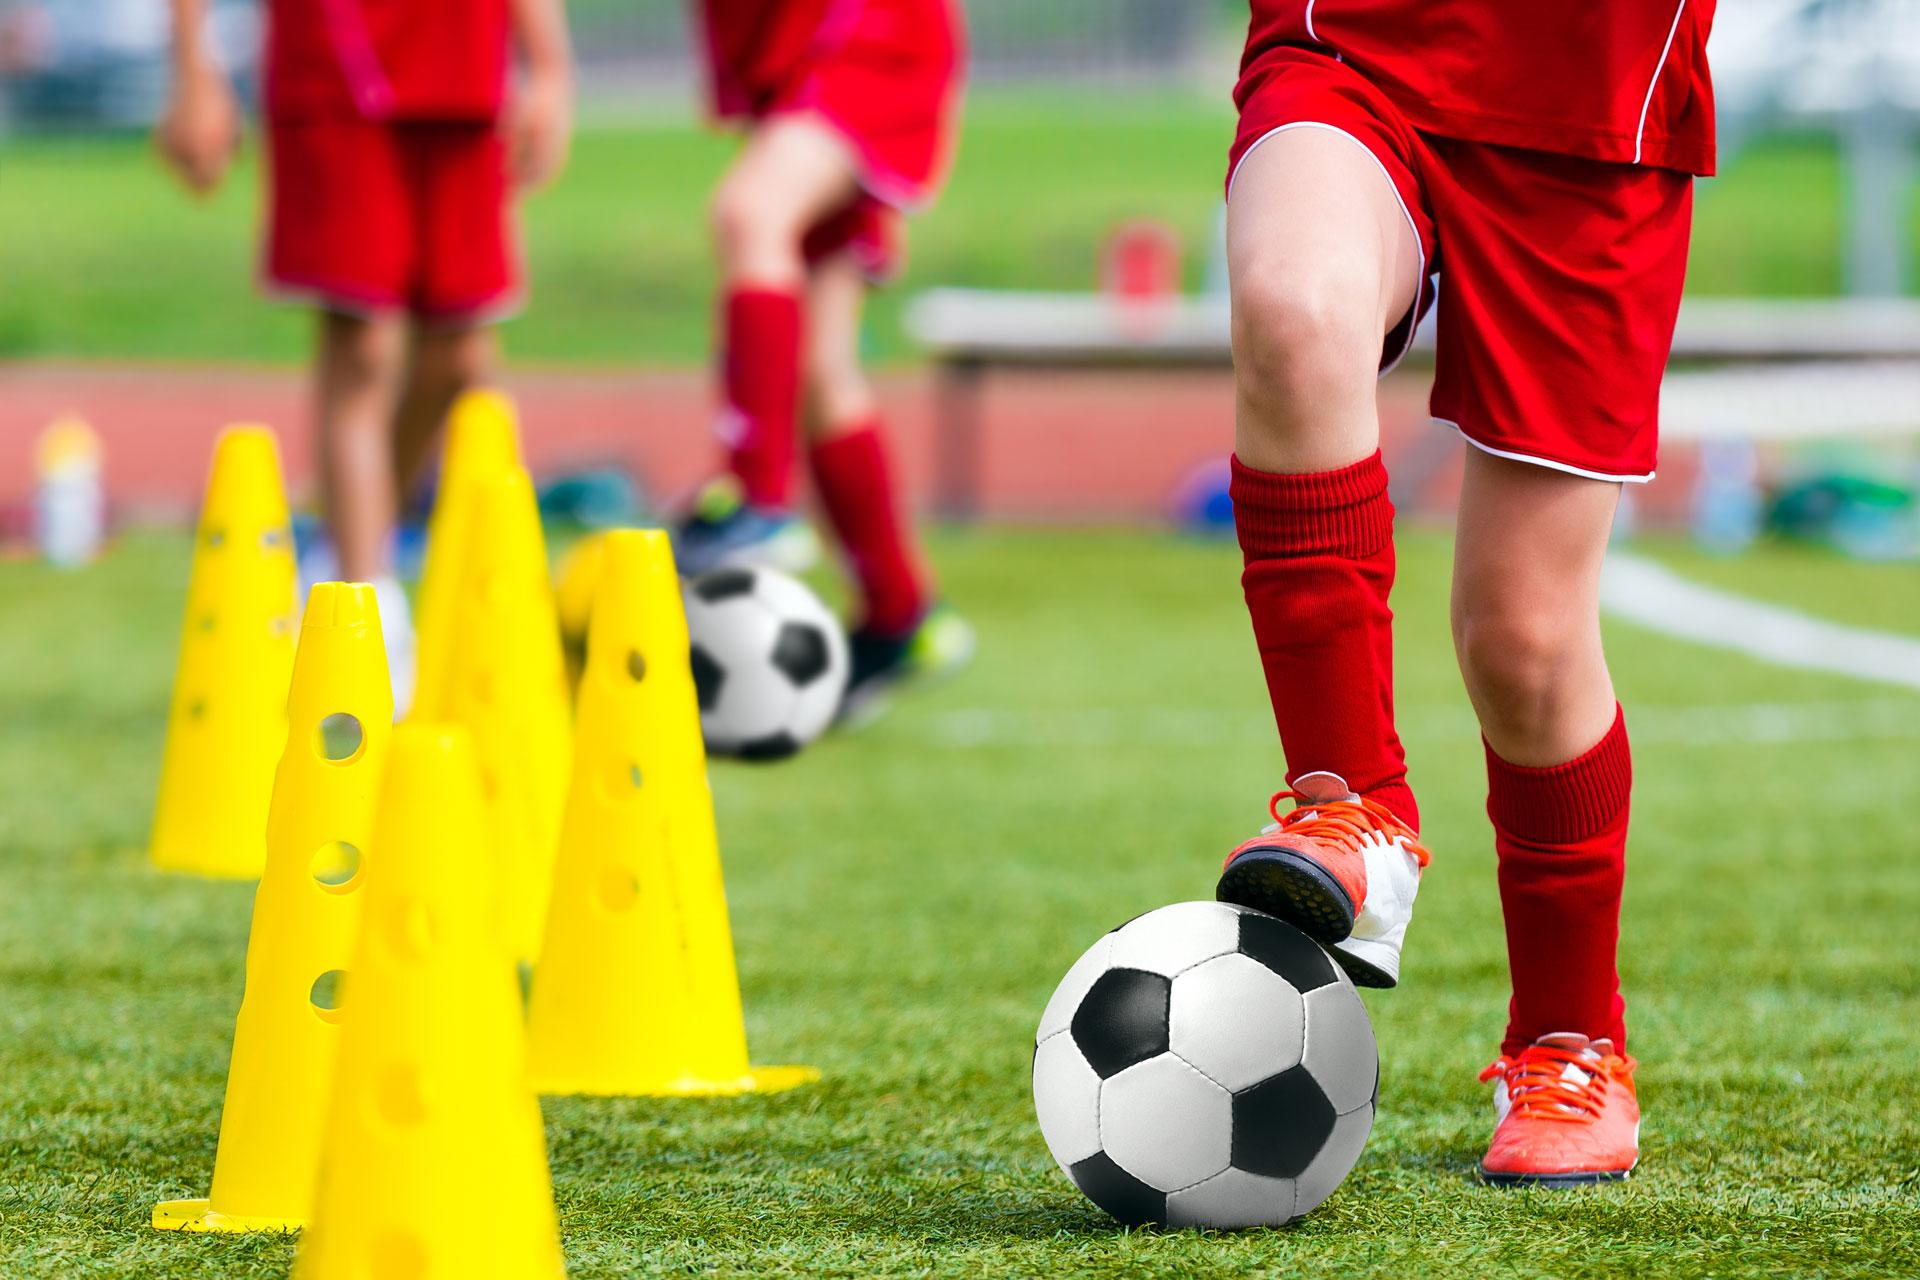 Kinder beim Fußballtraining